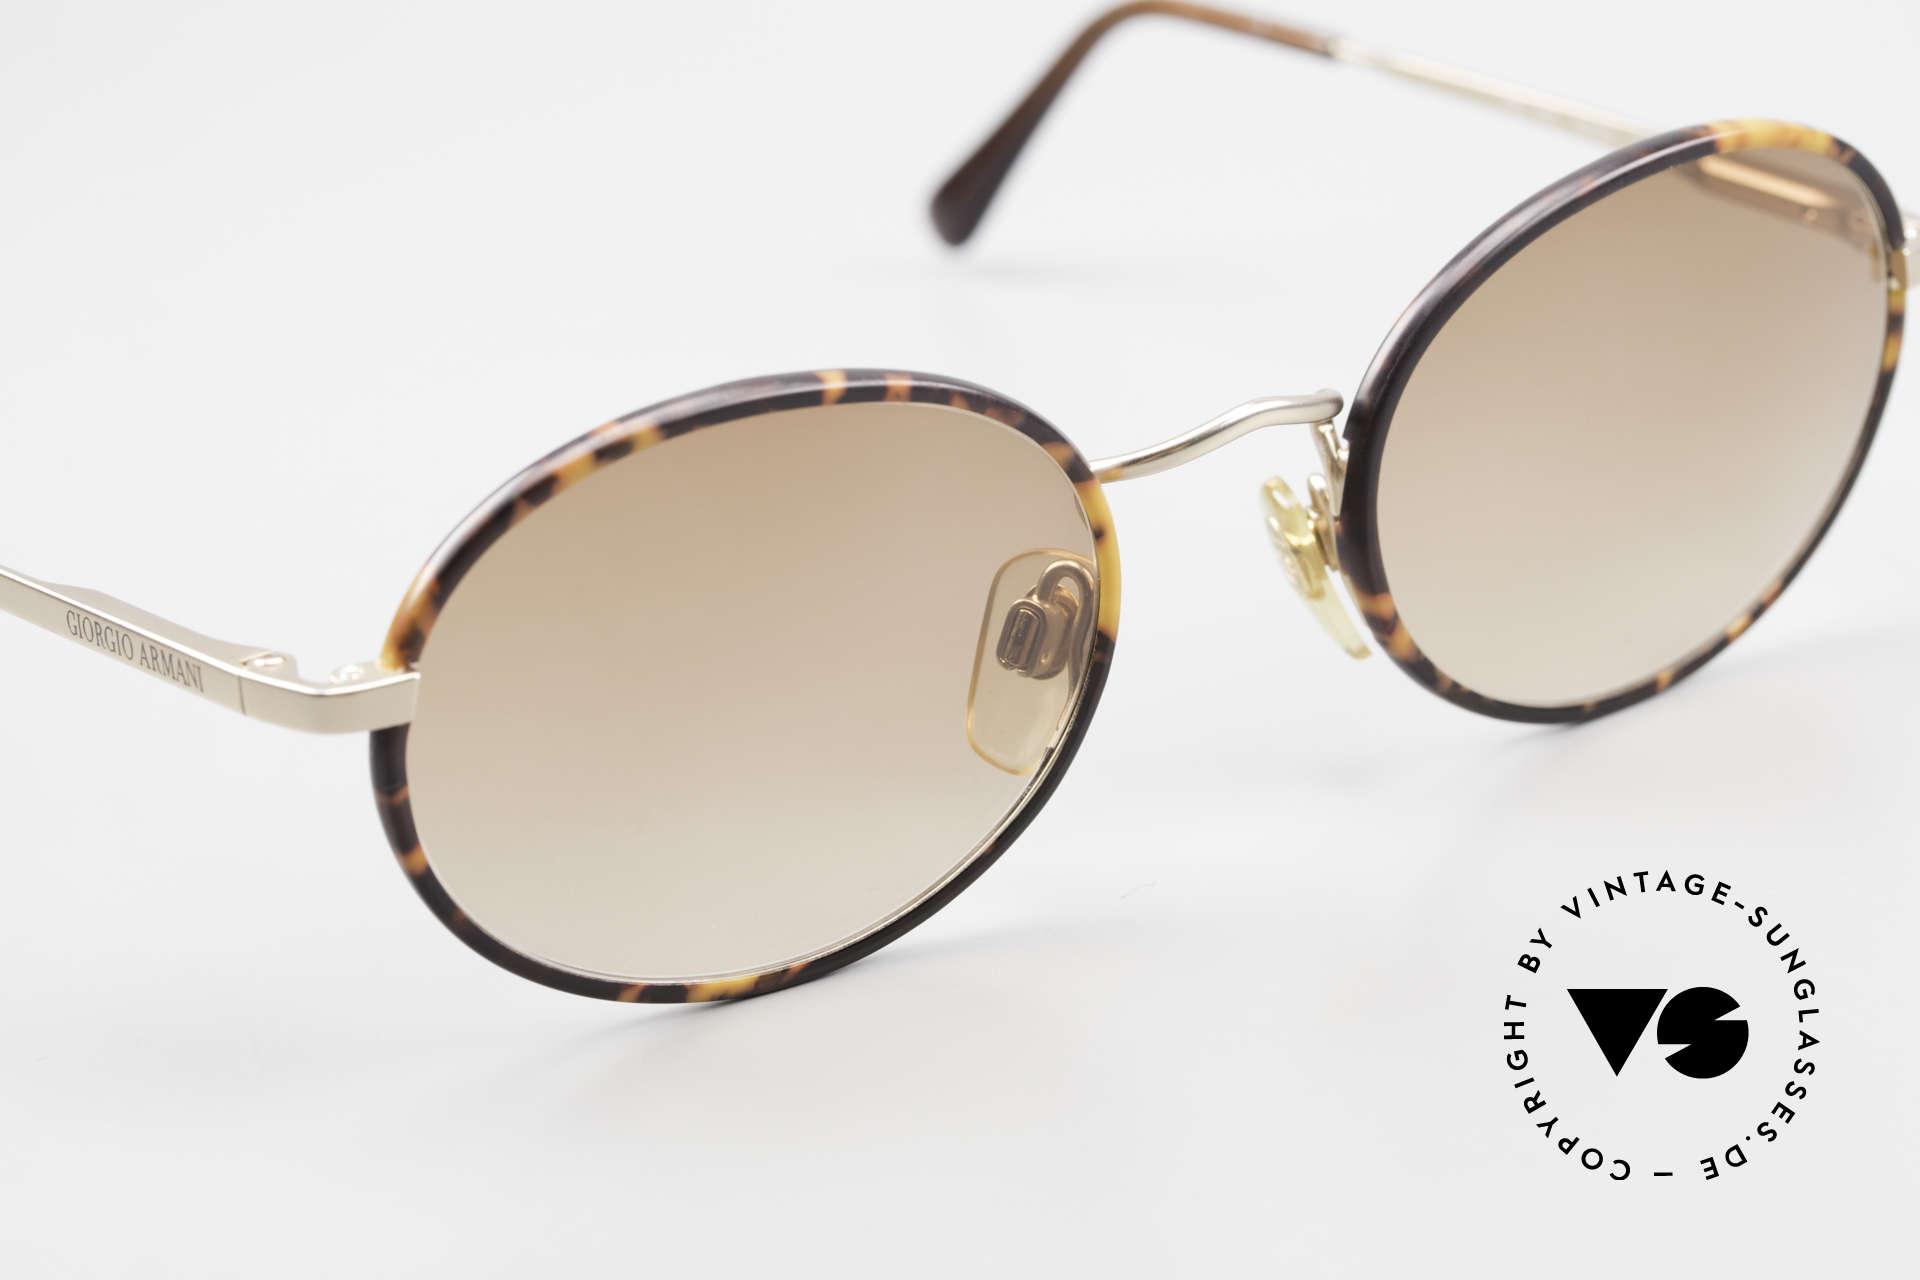 Giorgio Armani 235 Ovale Vintage Sonnenbrille, ungetragen (wie alle unsere 80er Jahre DesignKlassiker), Passend für Herren und Damen